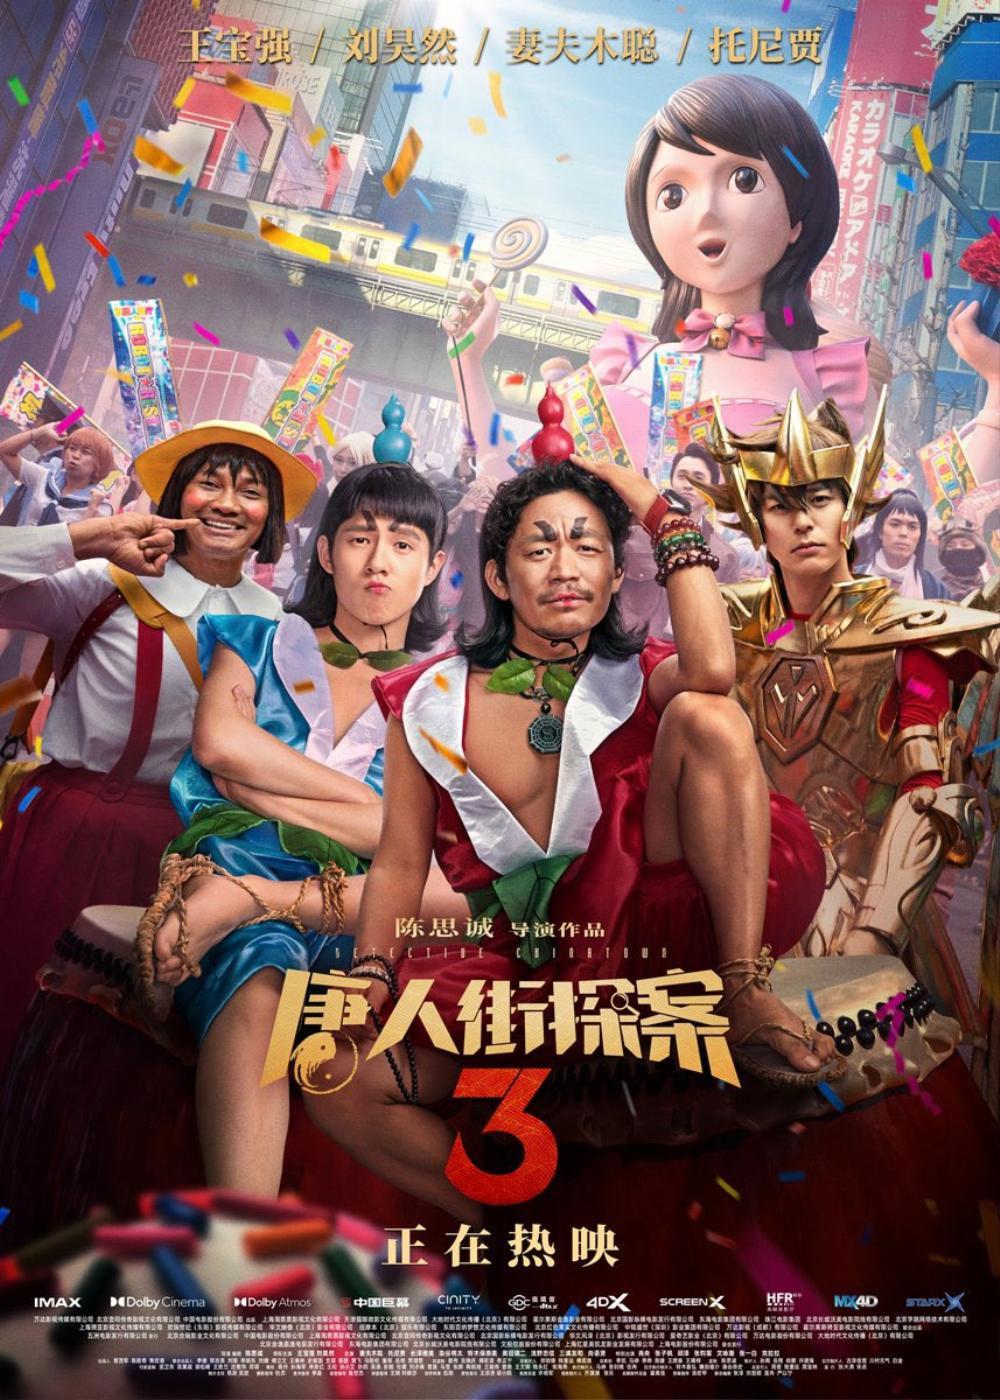 Điểm Douban của 'Thám tử phố Tàu 3' do Lưu Hạo Nhiên đóng chính đang tuột giảm không phanh? Ảnh 3